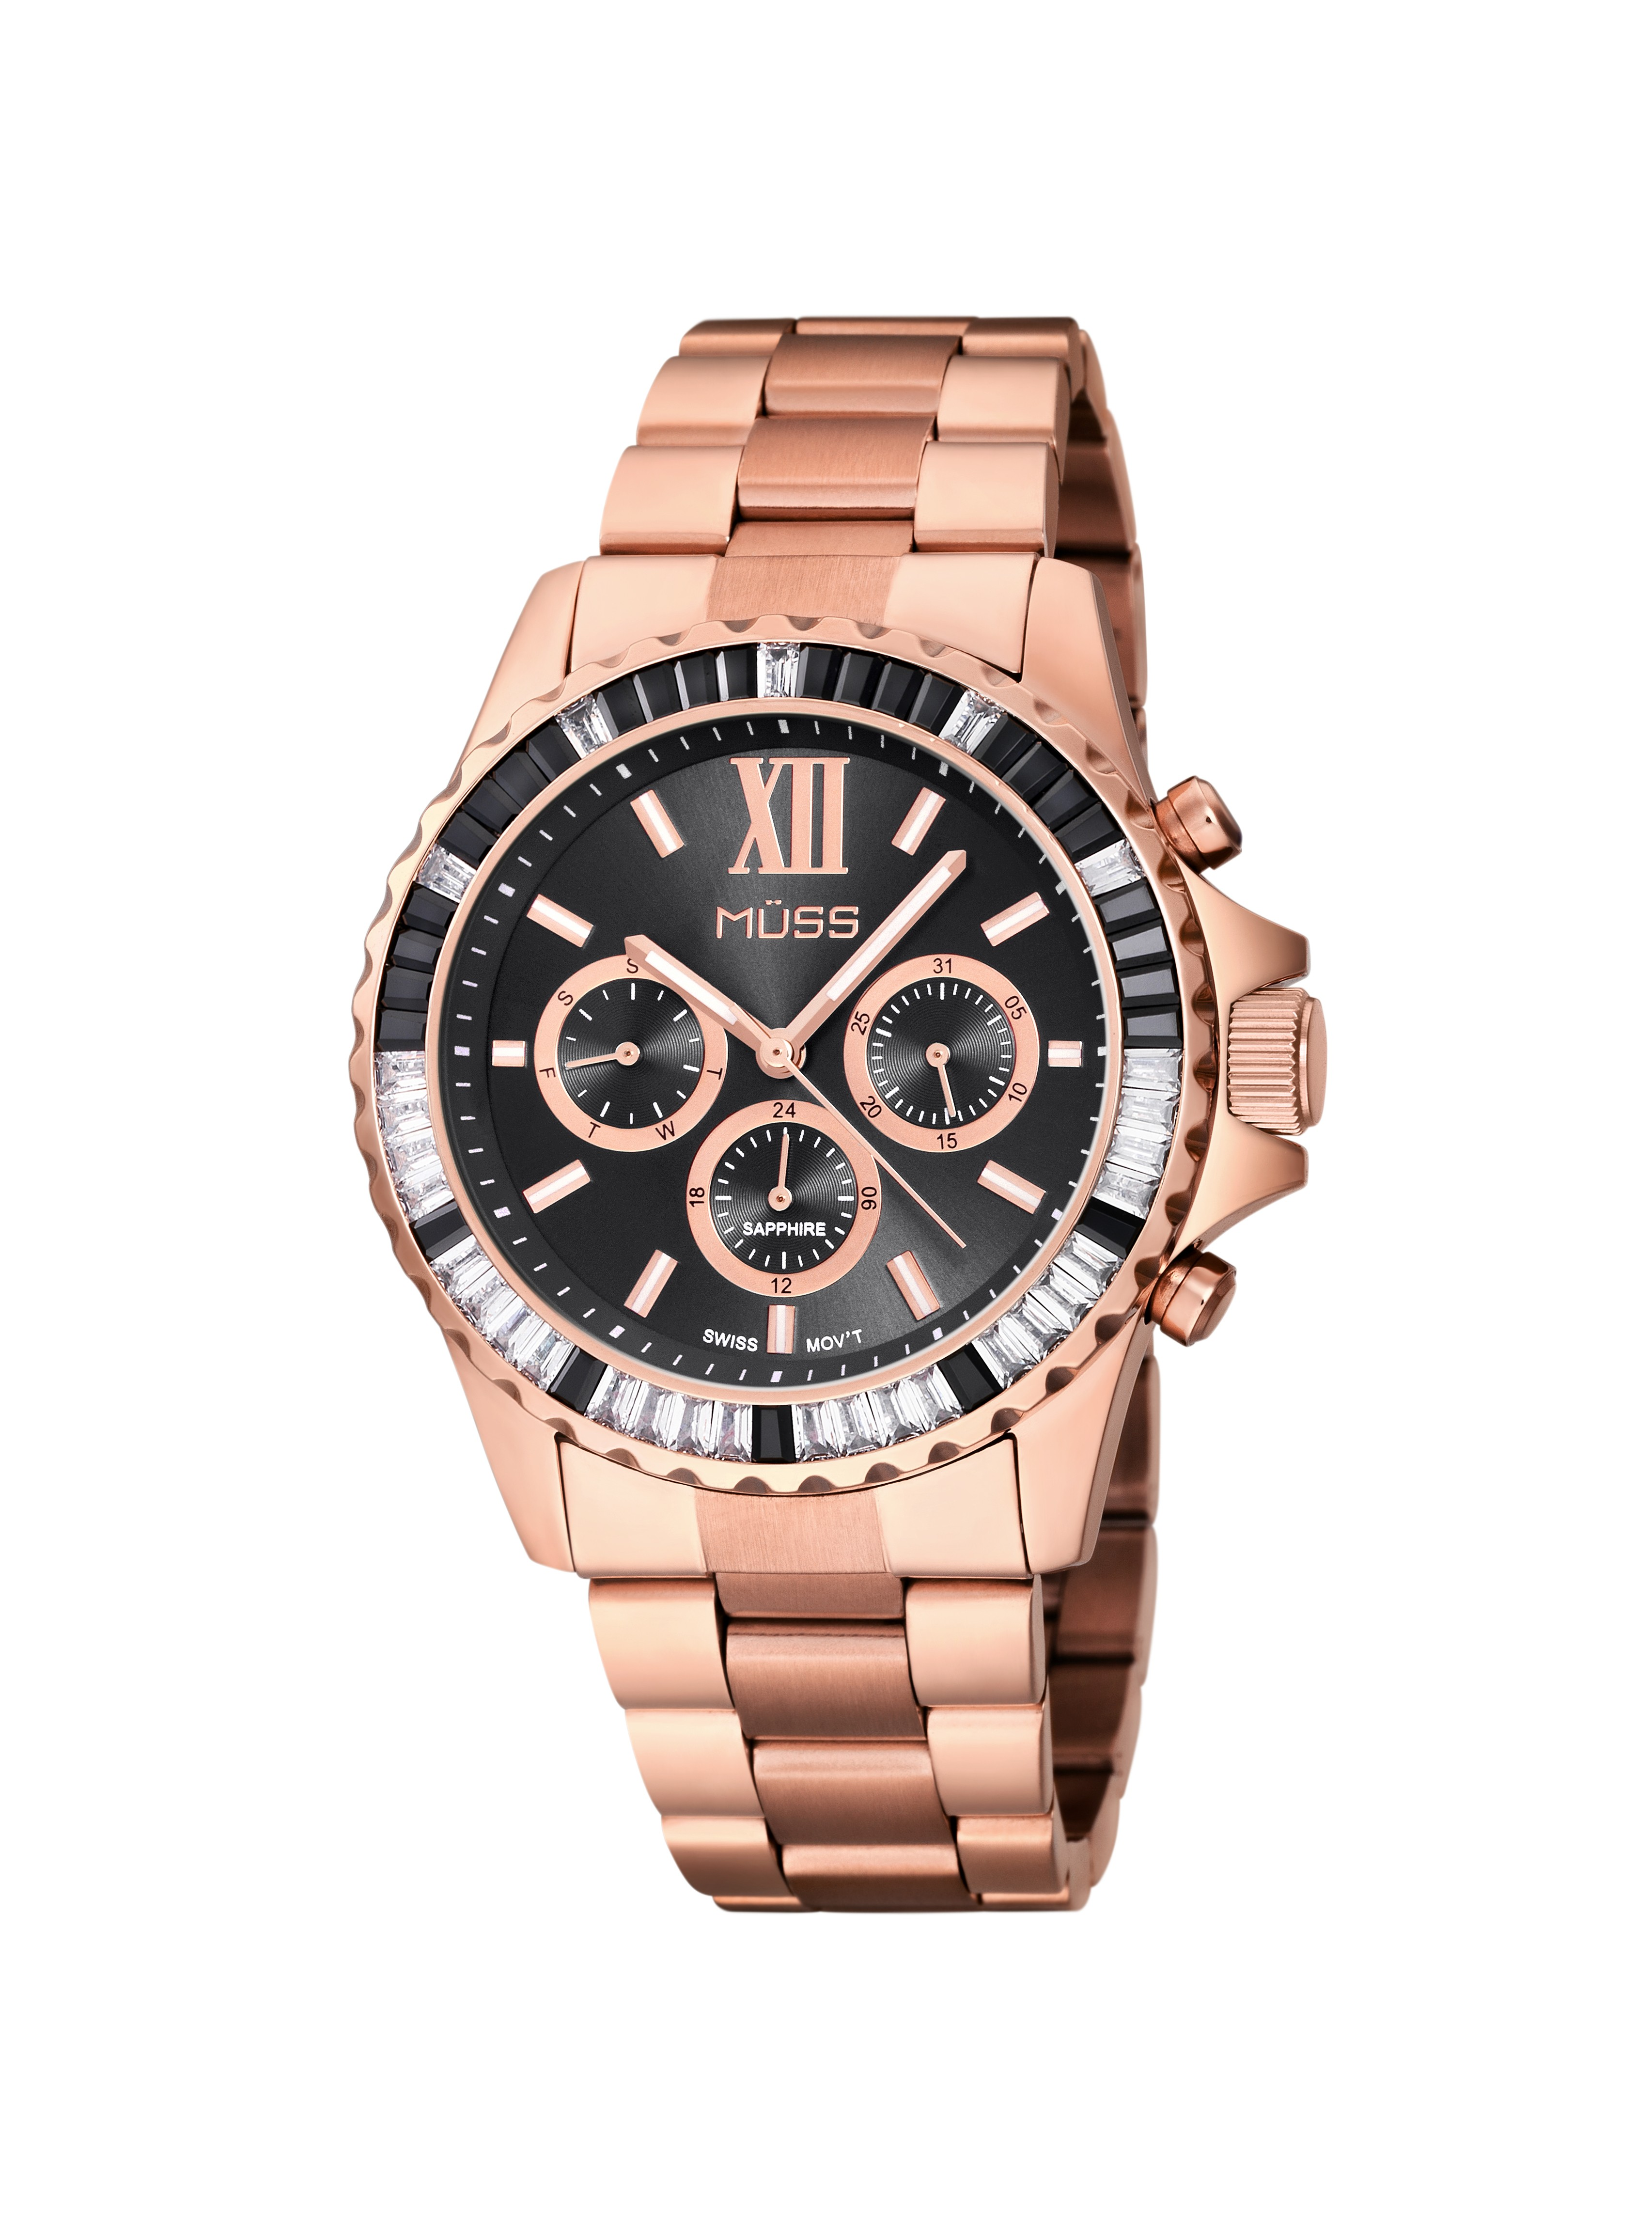 740bb24c17a7 Reloj MÜSS colección Grace con esfera negra sunray detalles en oro rosa